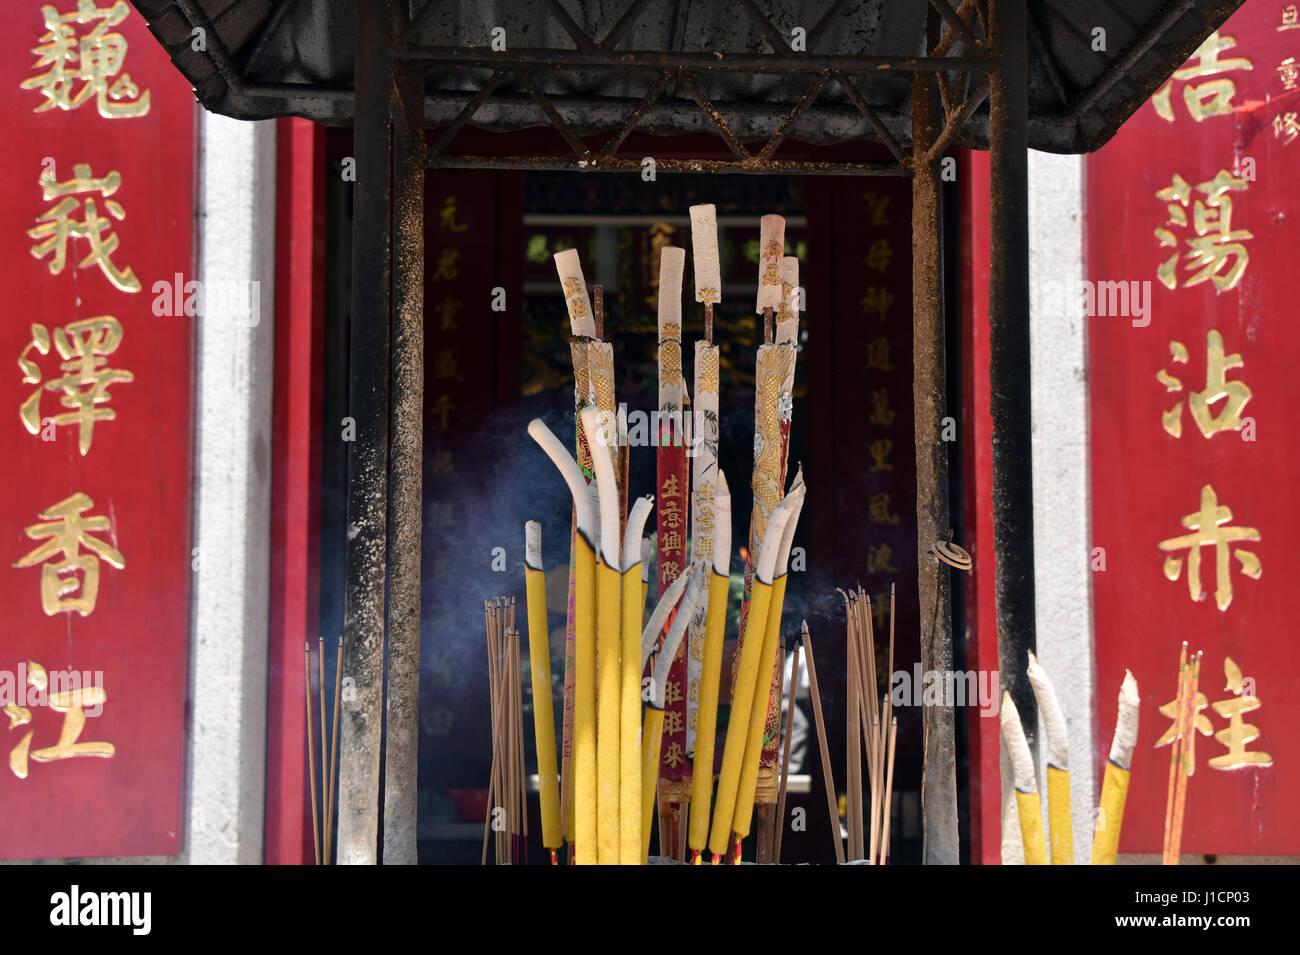 Incense at Temple, Hong Kong - Stock Image